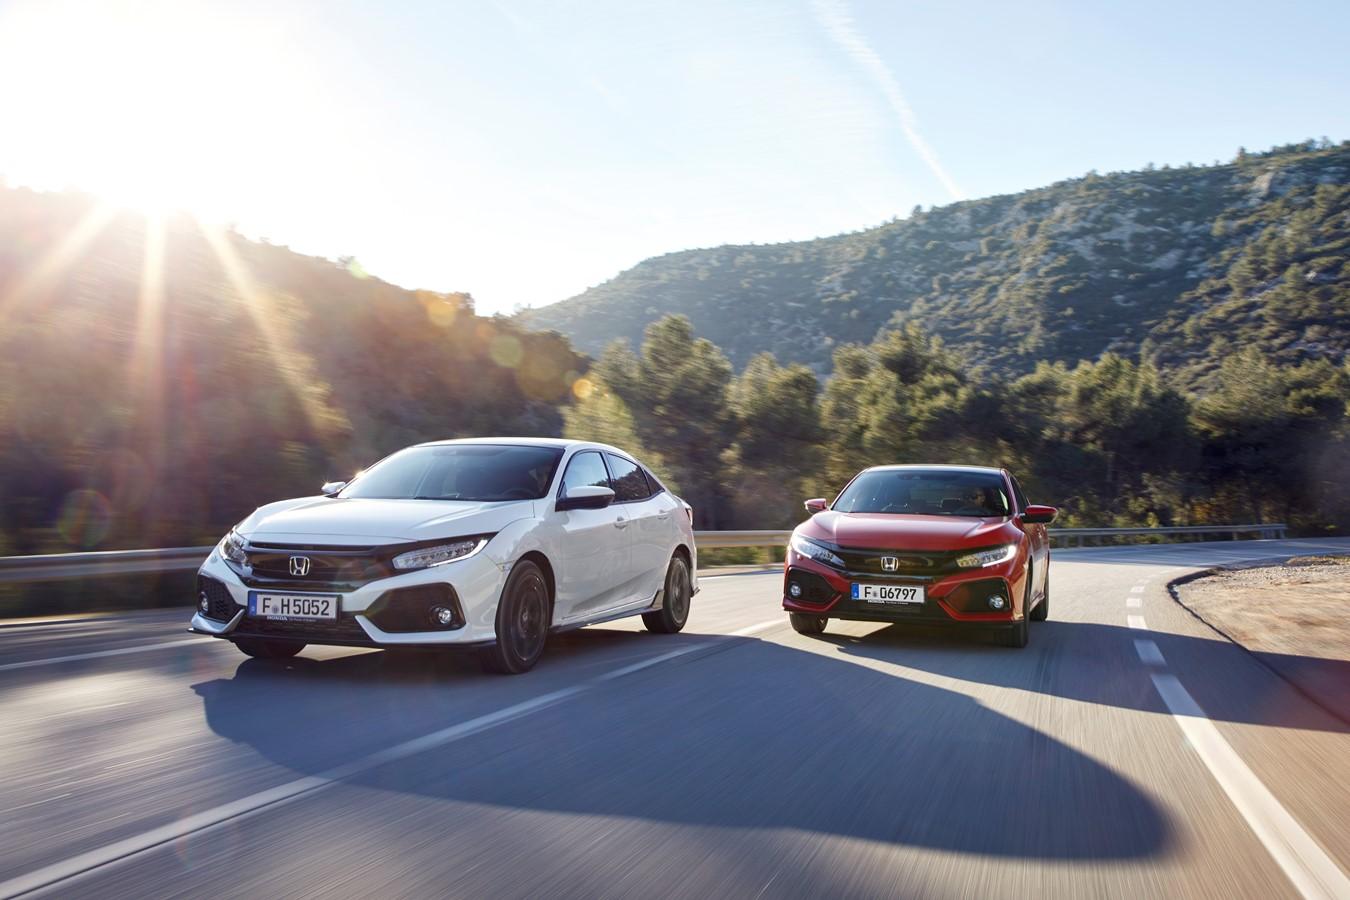 HONDA HR-V dal 2015 IN GOMMA-TAPPETINI PNEUMATICI profilo-Design nero